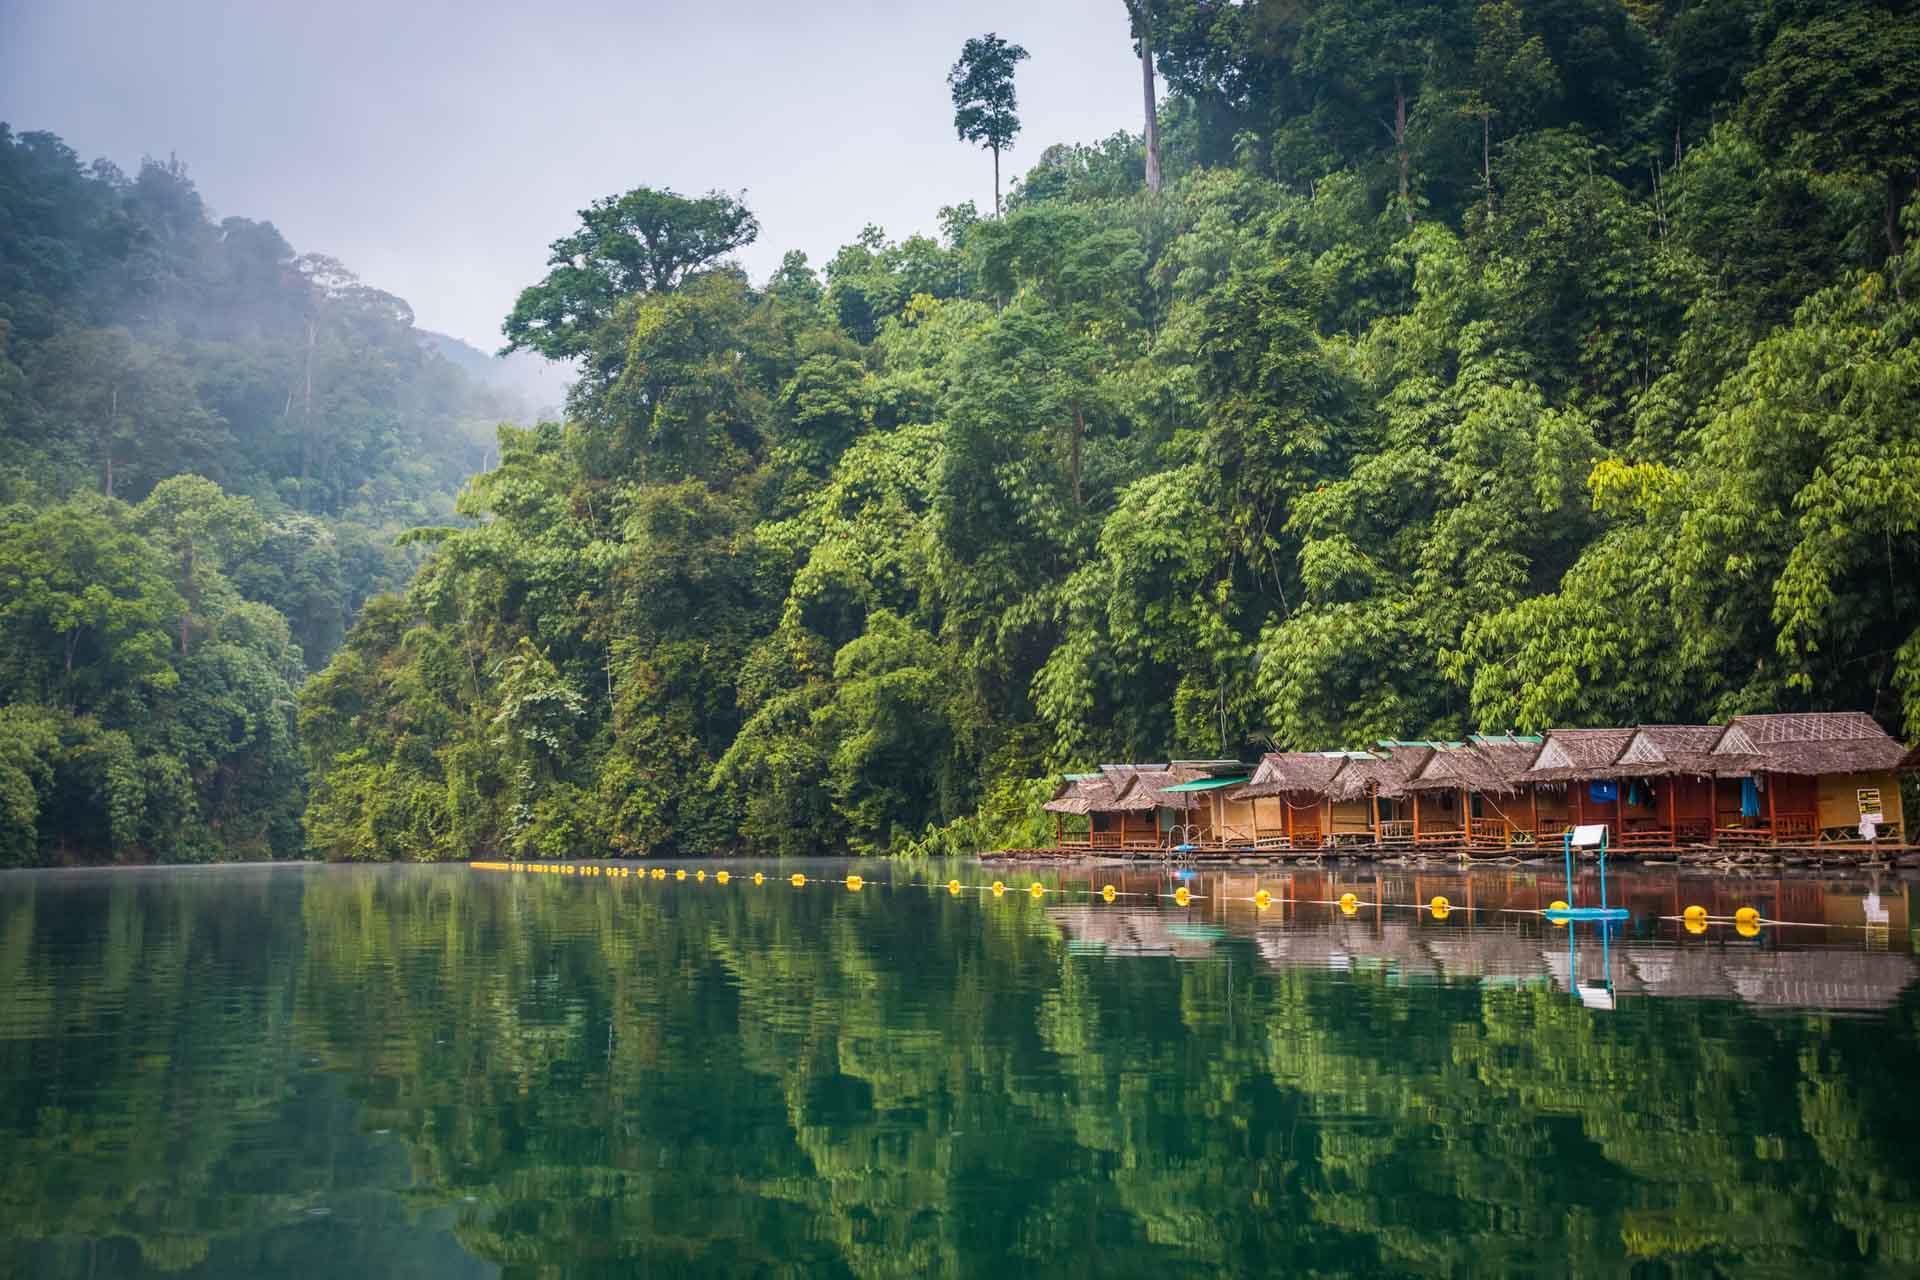 Les hôtels flottants du parc de Khao Sok © Marcin Kalinski